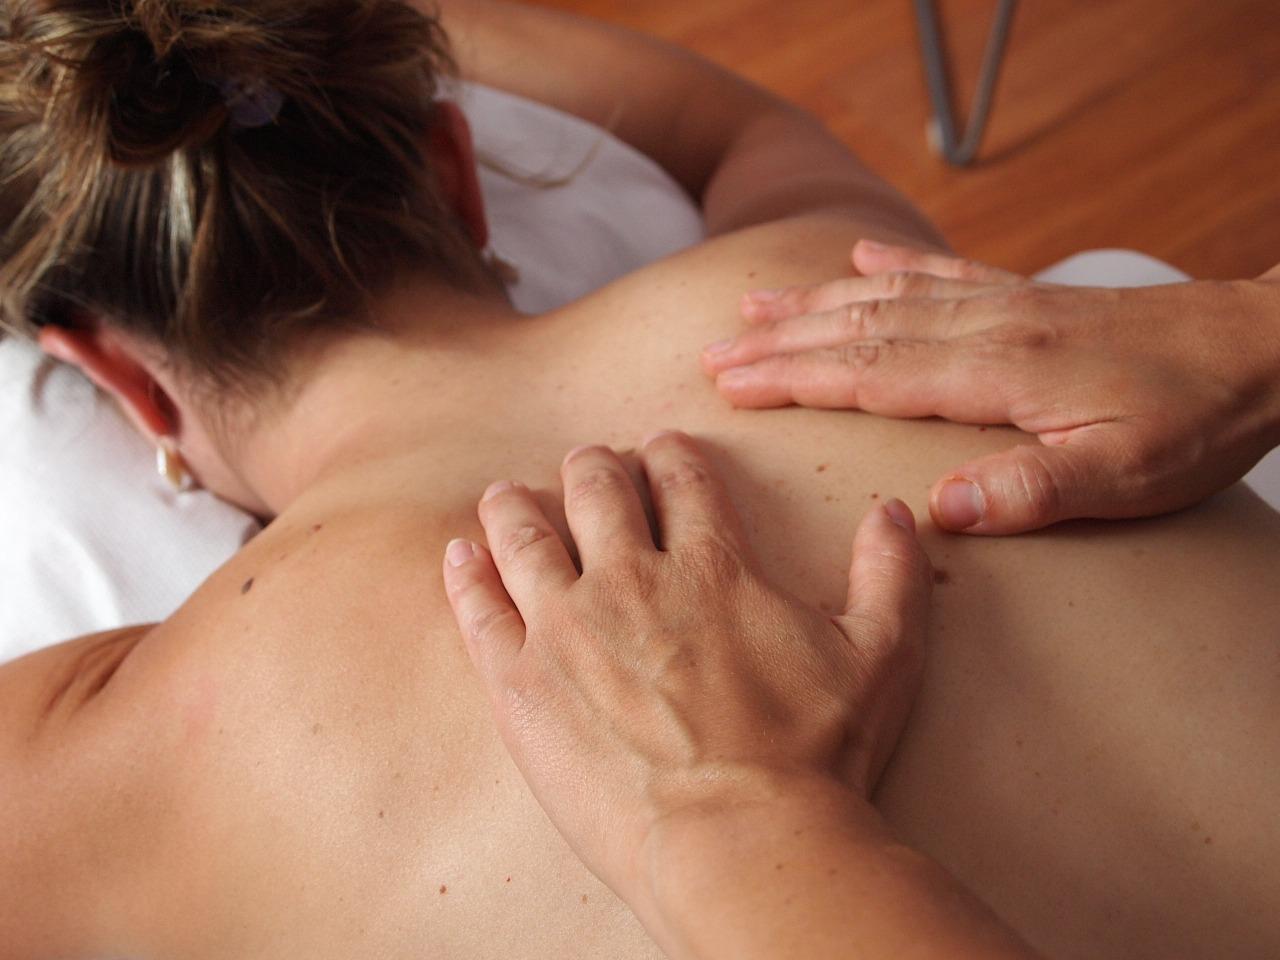 clinica de fisioterapia en murcia, clinicas de fisioterapia en murcia capital, osteopatia murcia